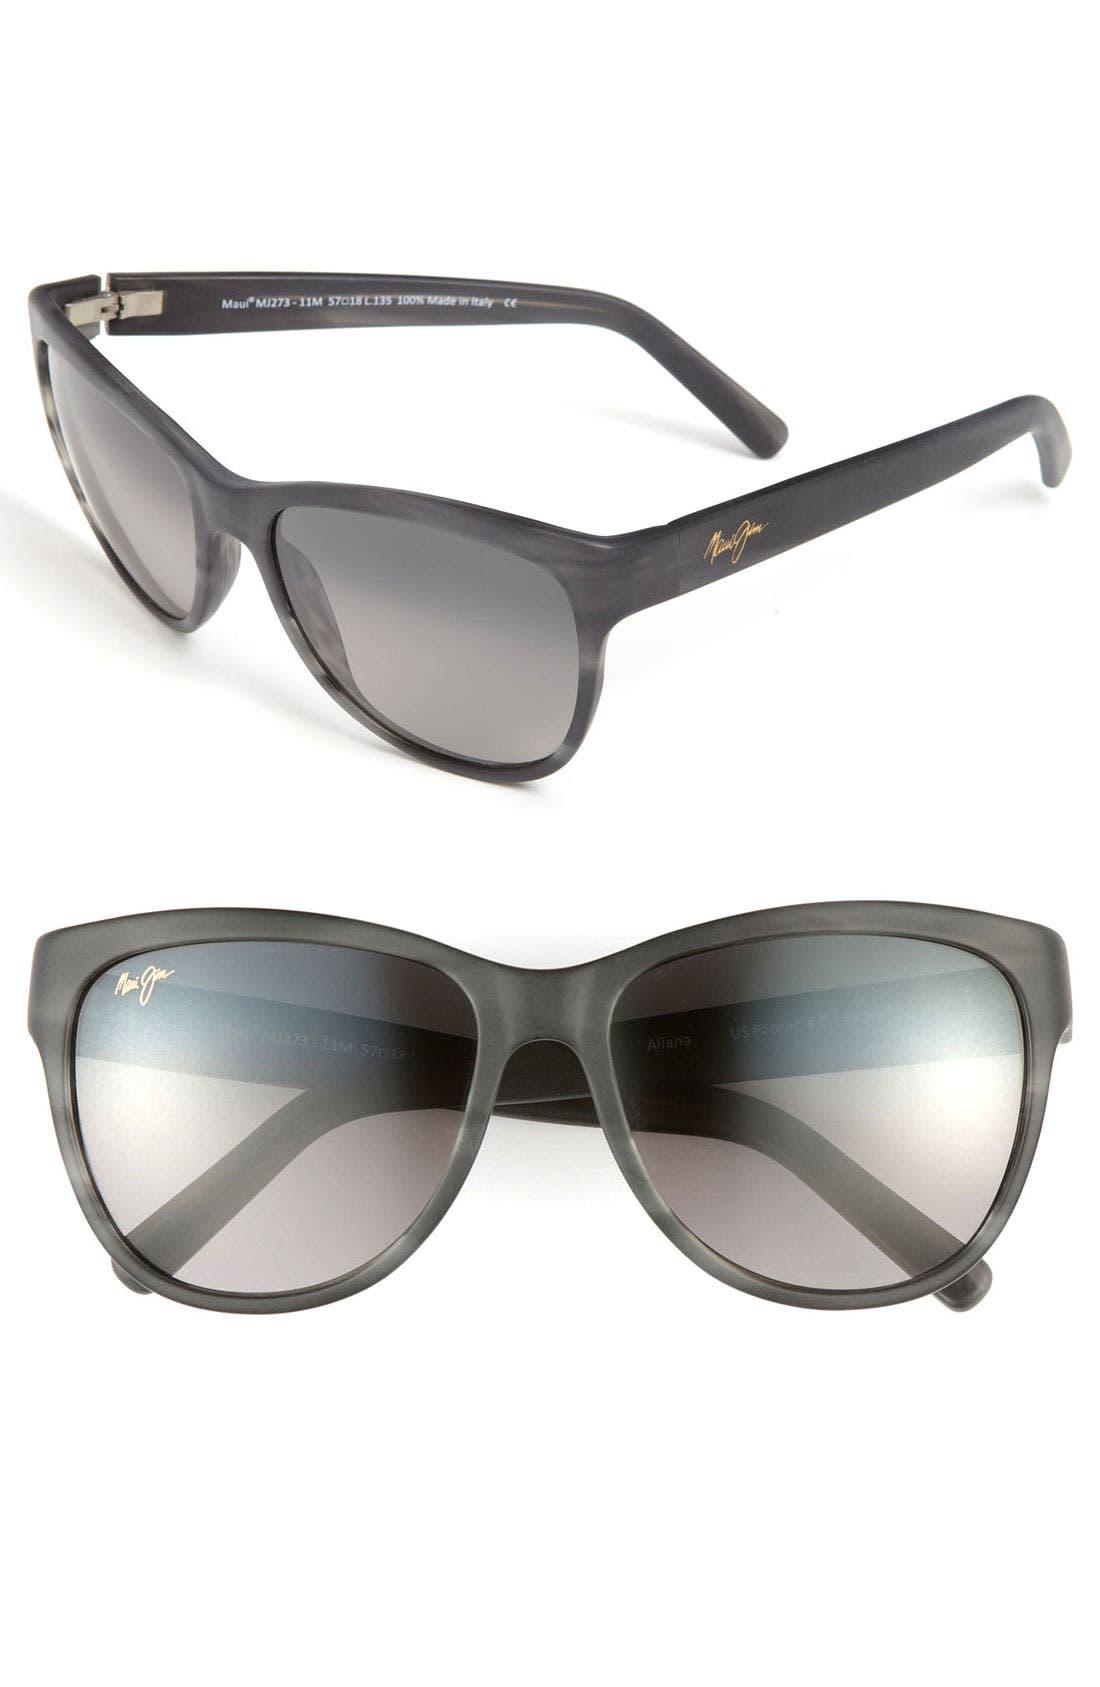 Main Image - Maui Jim 'Ailana' 57mm Sunglasses